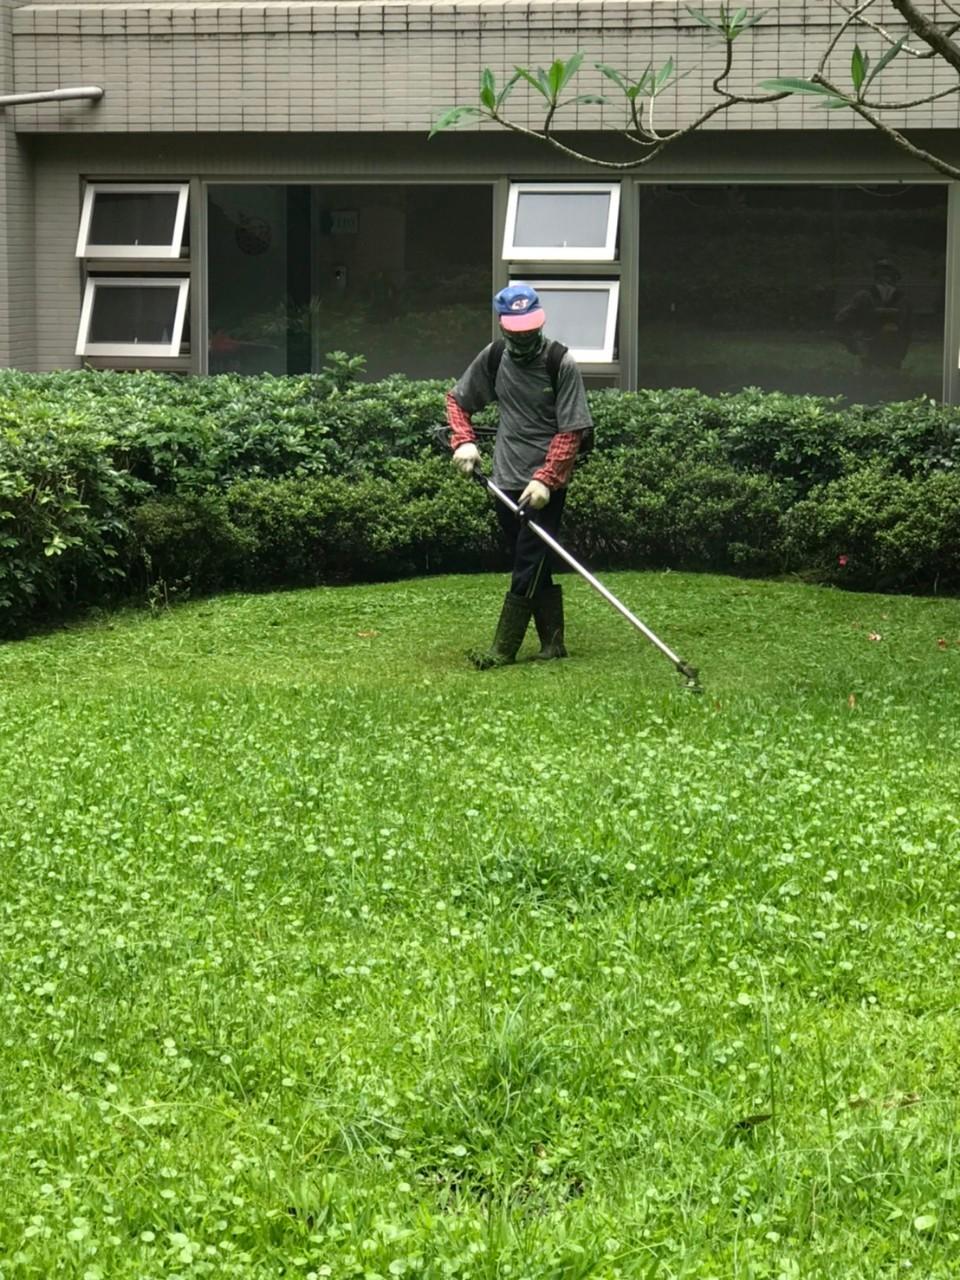 專業草皮維護、病蟲害防治